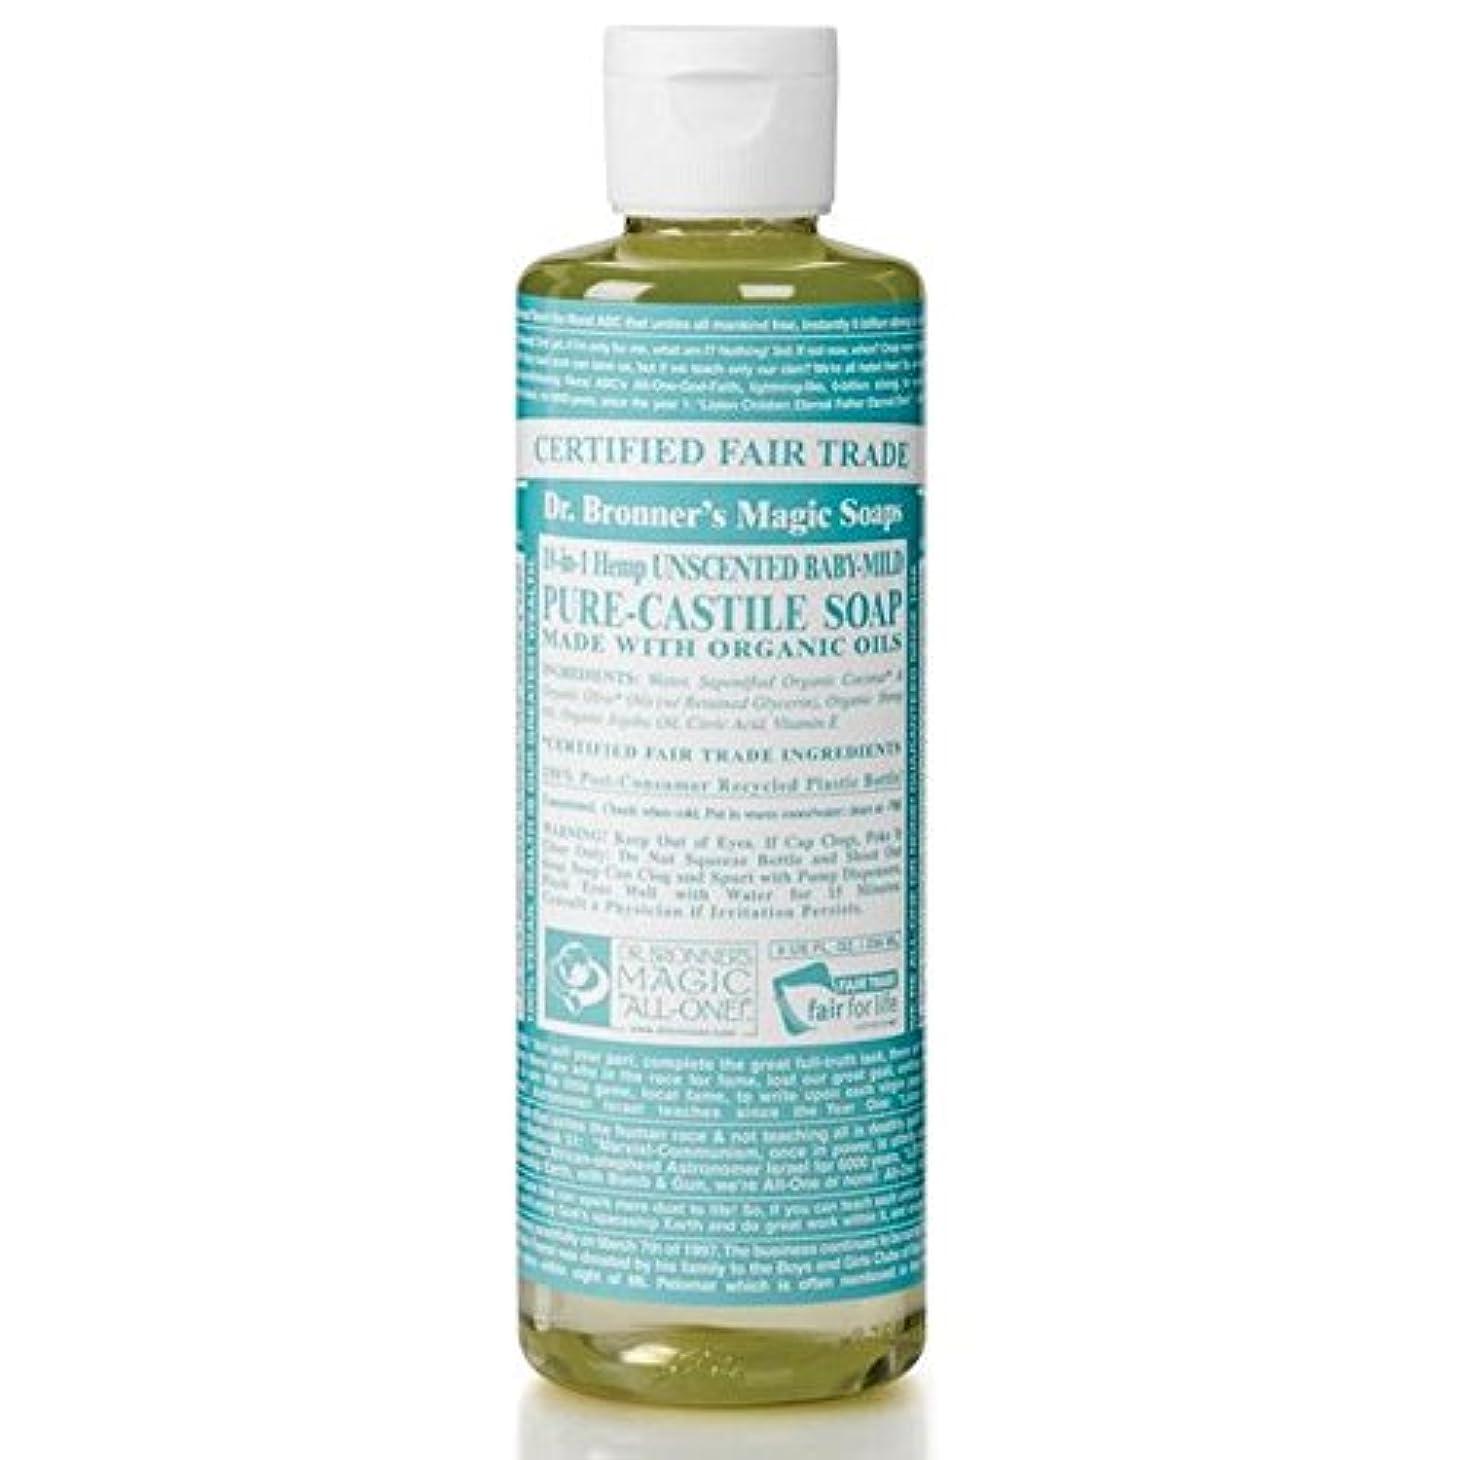 軍隊シャツ要求のブロナーオーガニックベビーマイルドなキャスト液体石鹸237ミリリットル x4 - Dr Bronner Organic Baby Mild Cast Liquid Soap 237ml (Pack of 4) [並行輸入品]